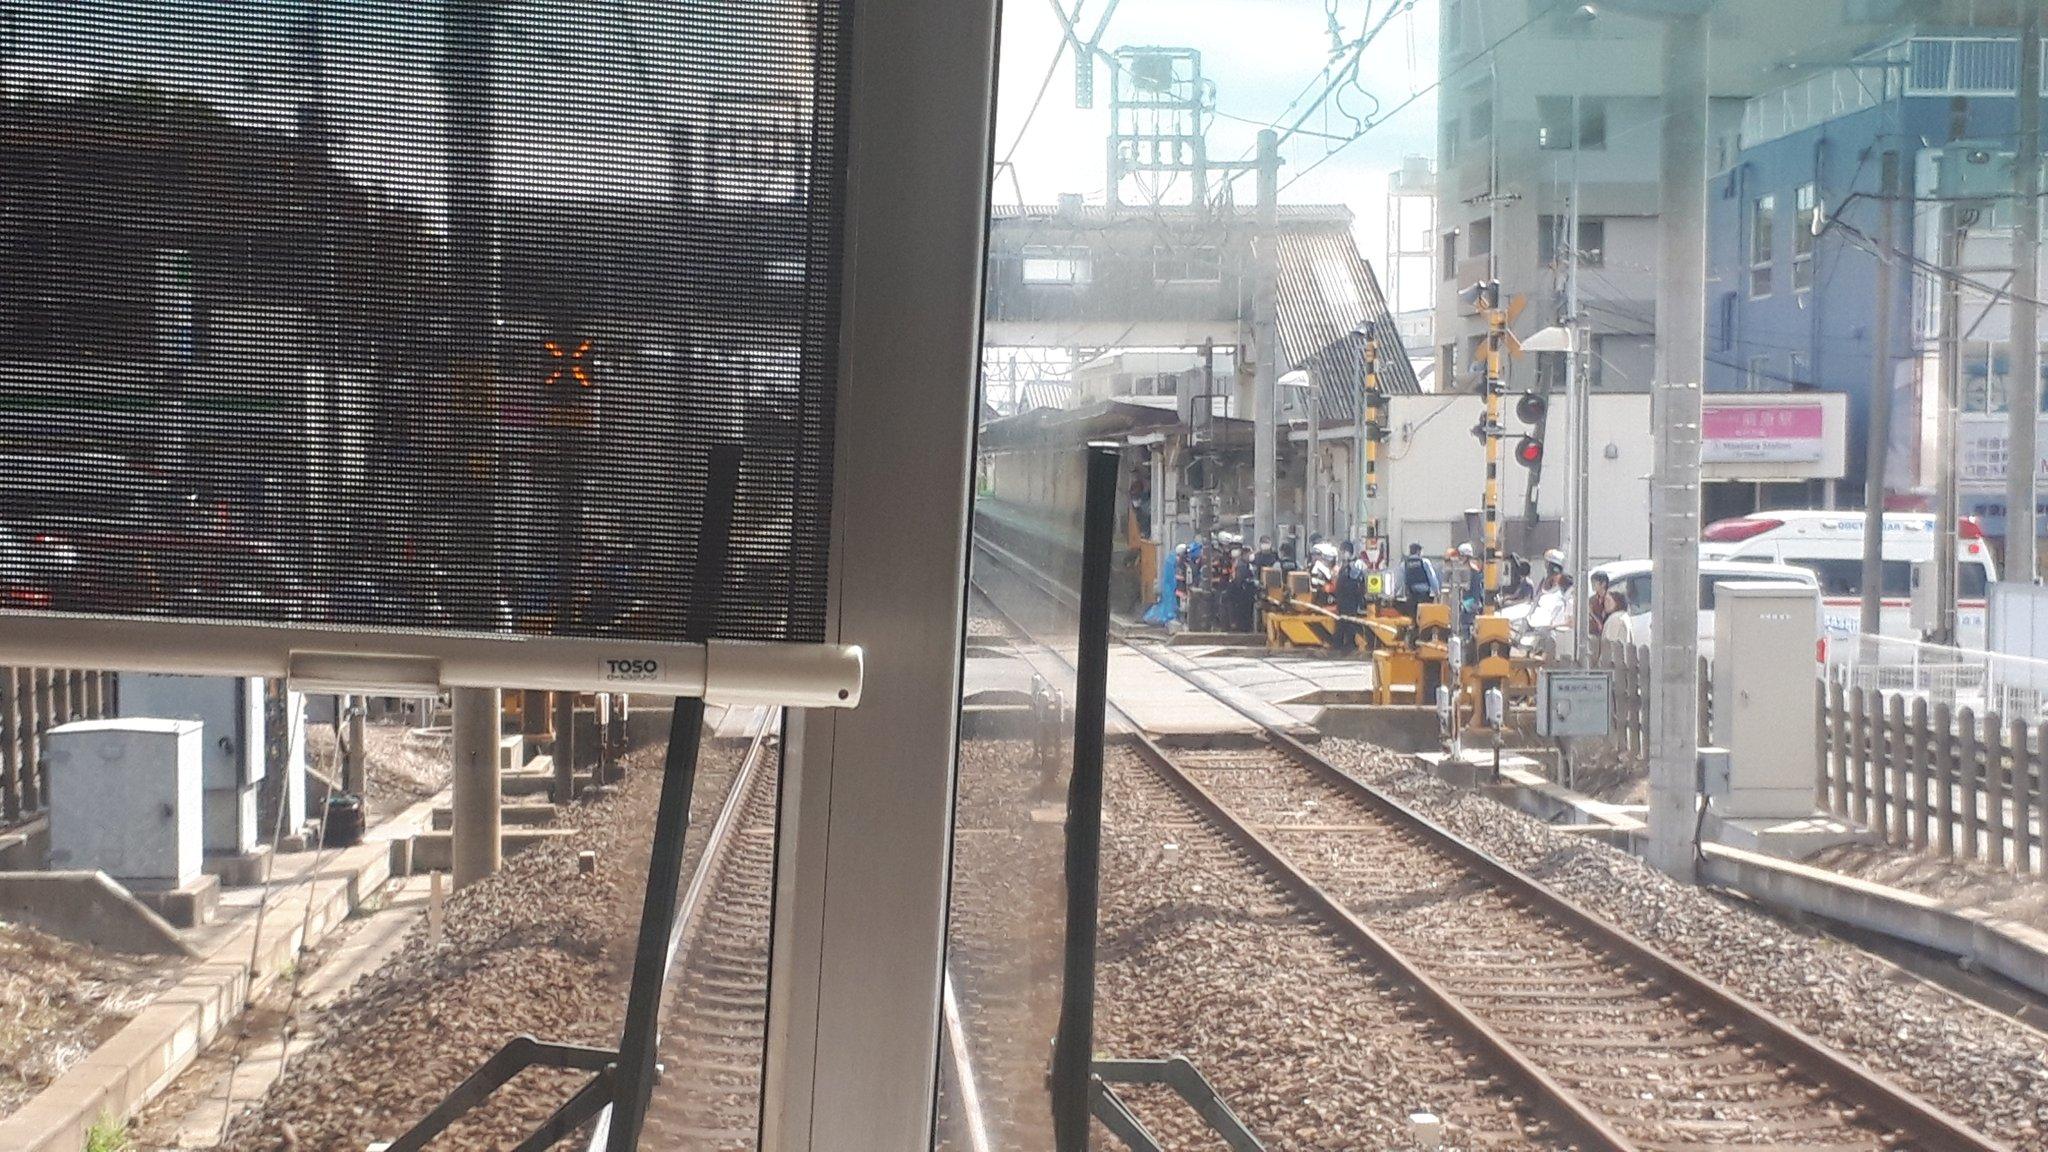 前原駅の人身事故で救護活動している現場の画像